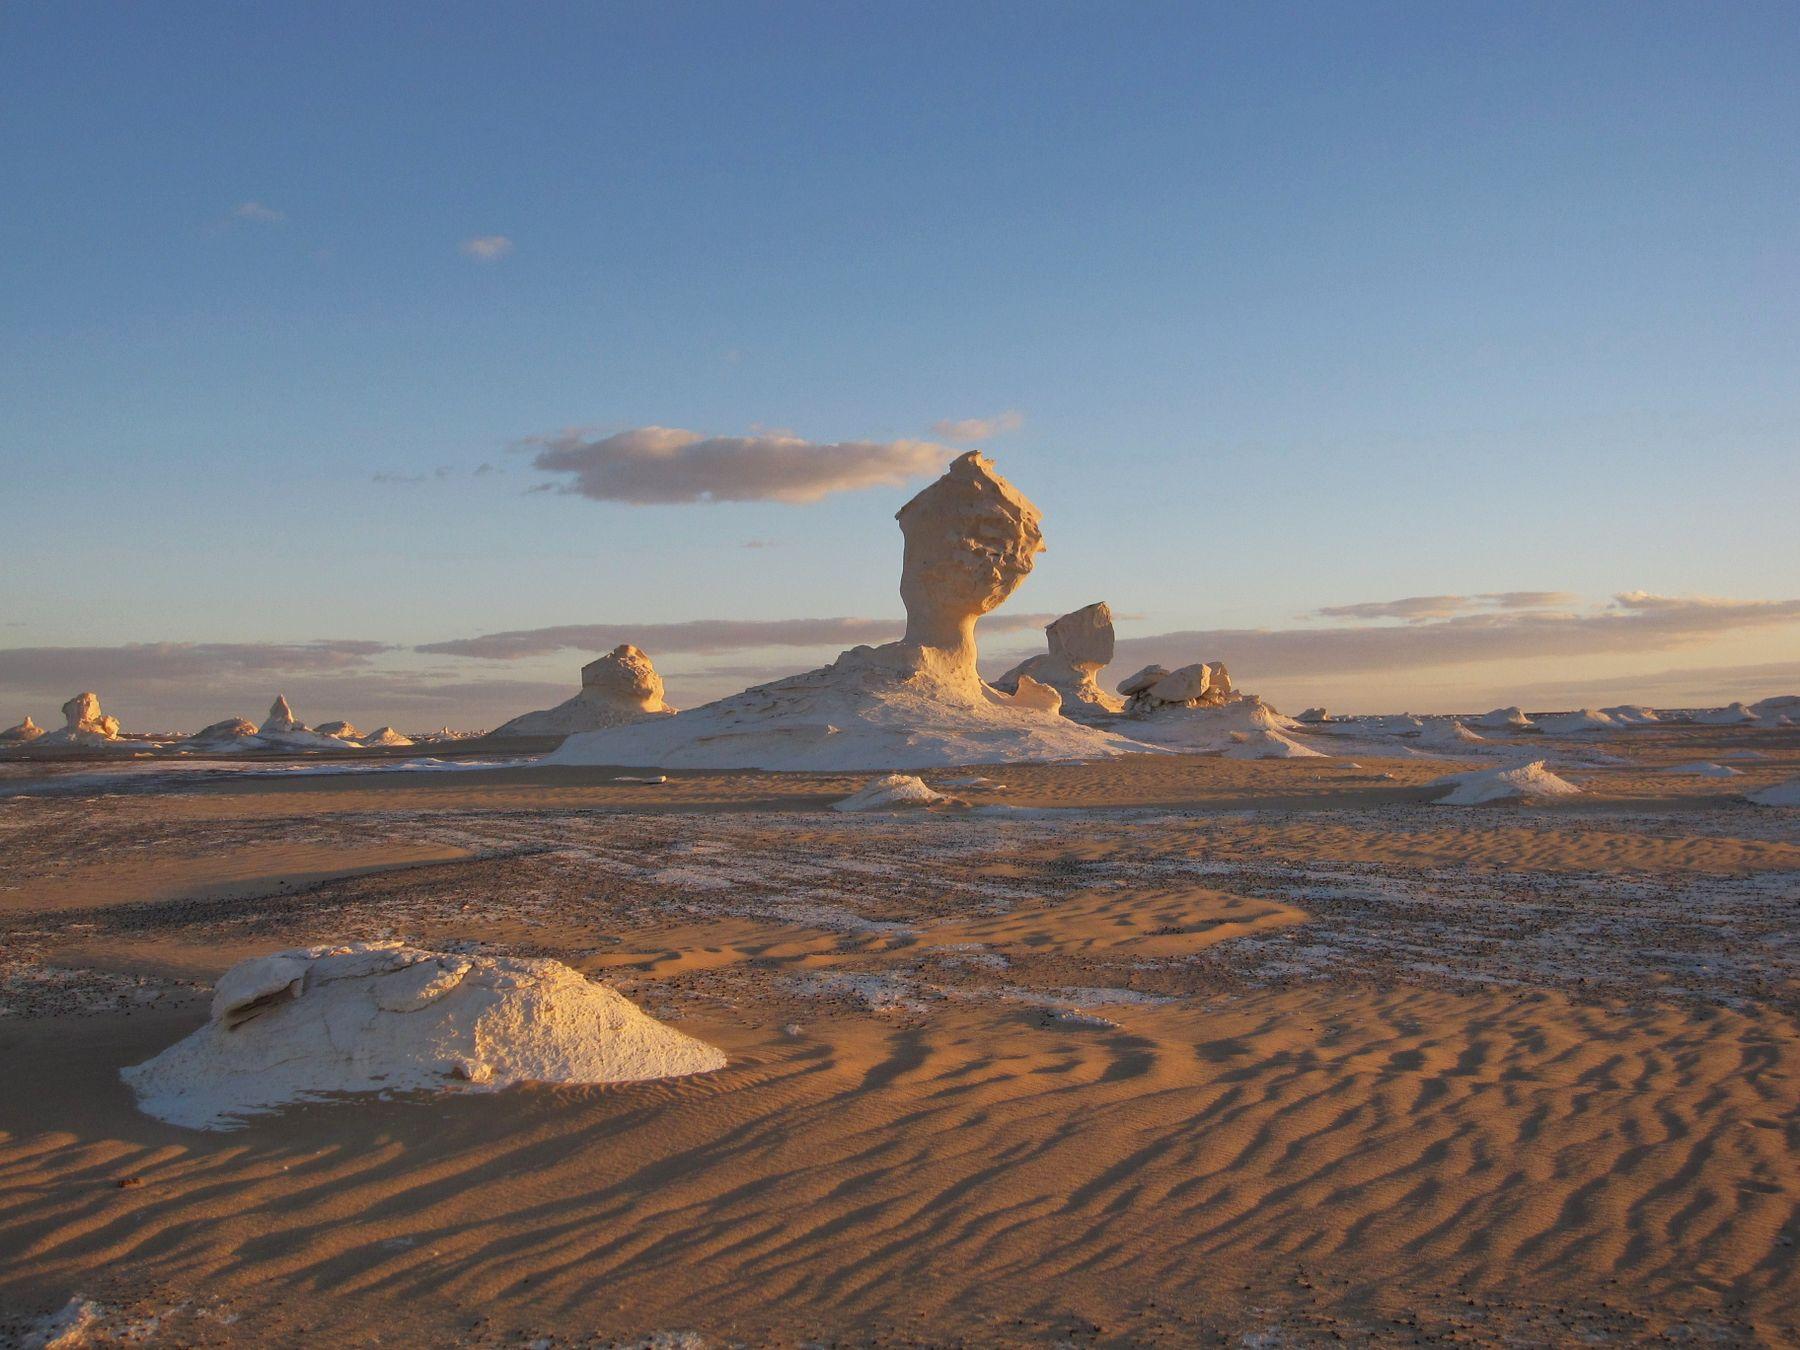 Вечер в Белой пустыне. Египет пейзаж скалы